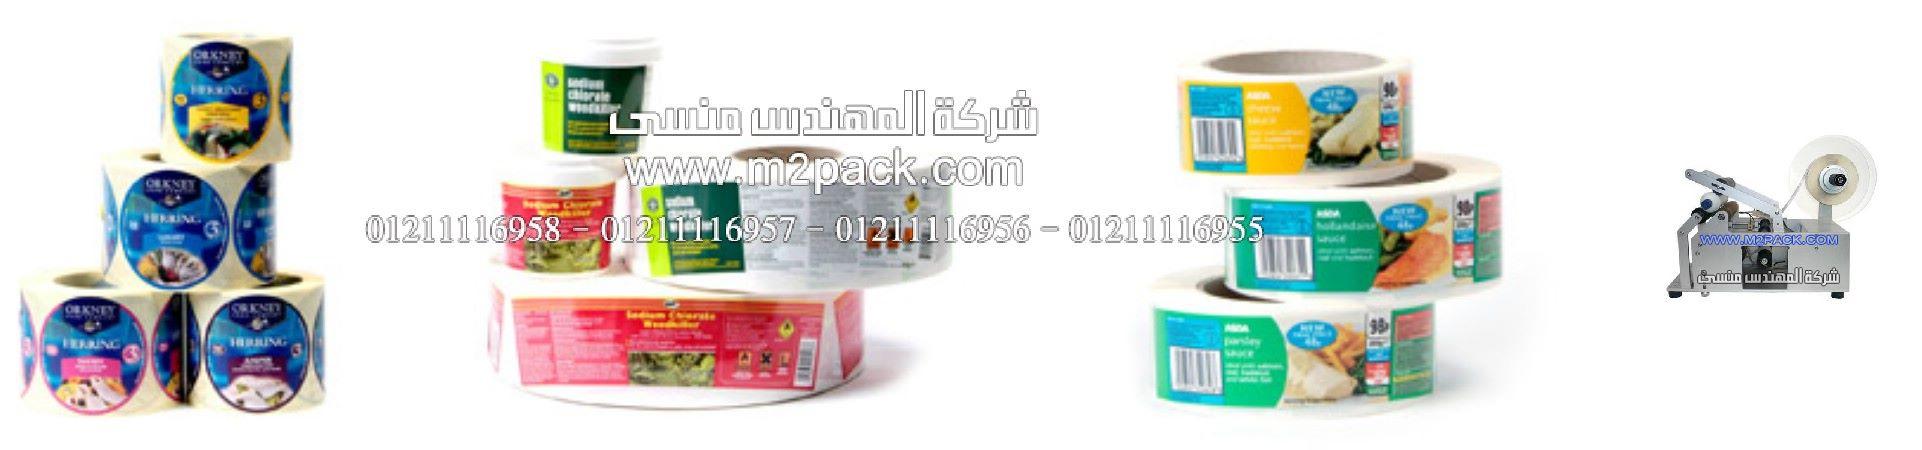 رولات اللواصق الليبل المطبوعه للعبوات والزجاجات من شركة المهندس منسى ، شركات توريد مواد غذائية فى مصر